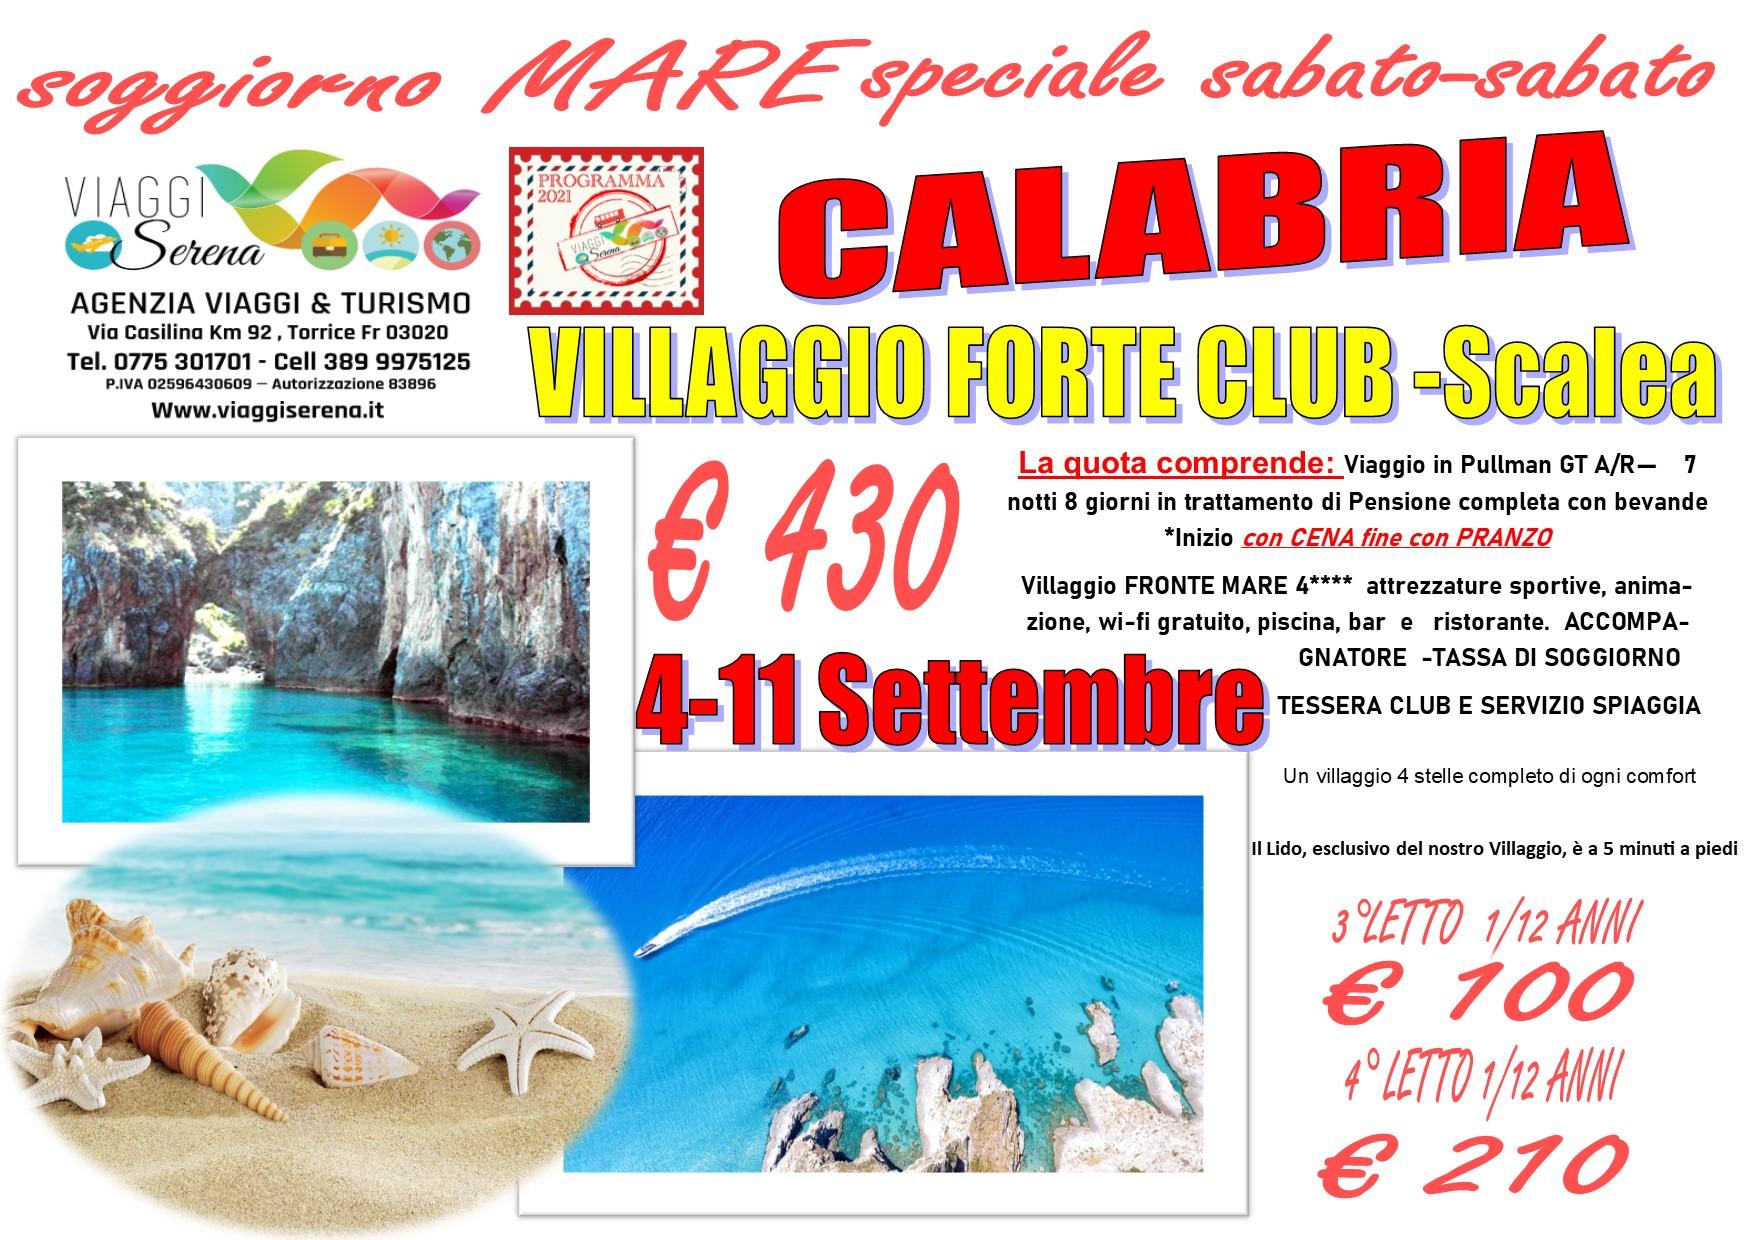 """Viaggi di Gruppo: soggiorno mare CALABRIA """" Villaggio Forte Club"""" 4-11 Settembre € 430,00"""